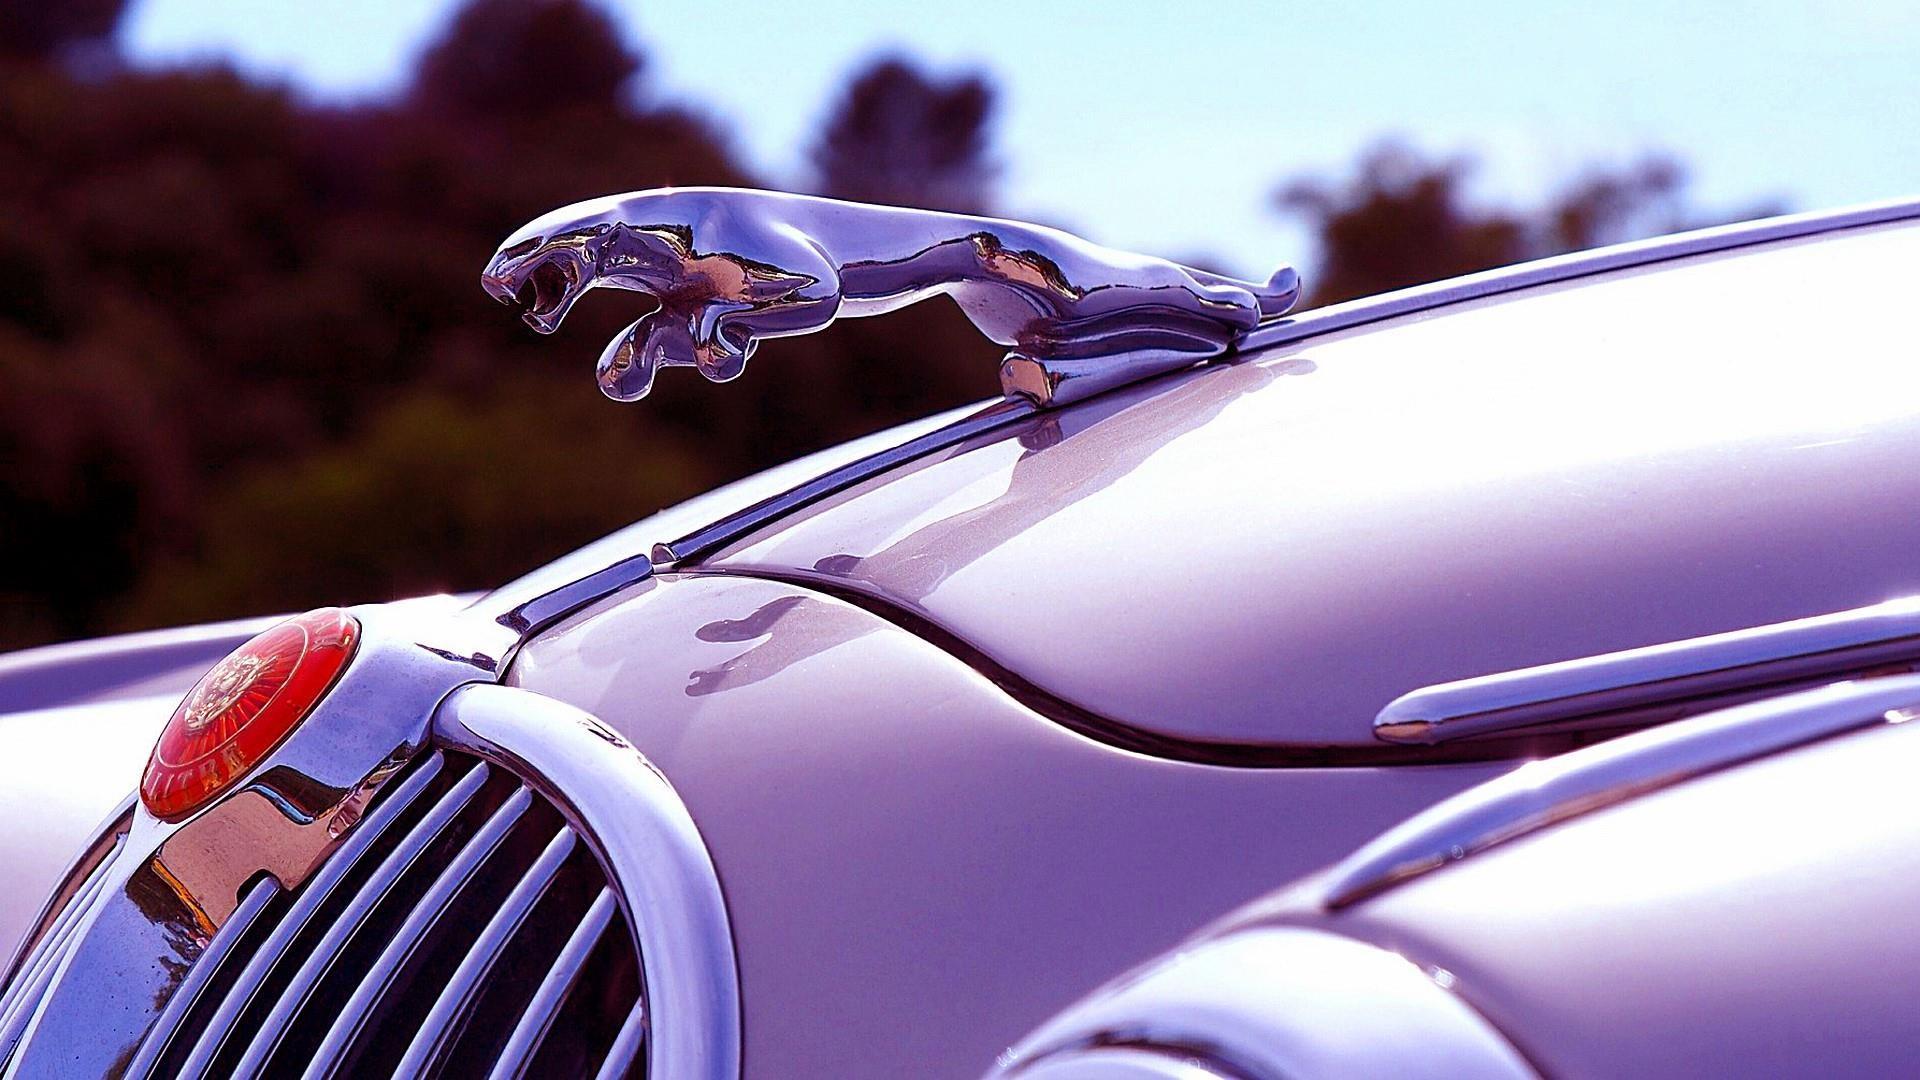 The Punisher Wallpaper Car Jaguar Logo Wallpapers 64 Images